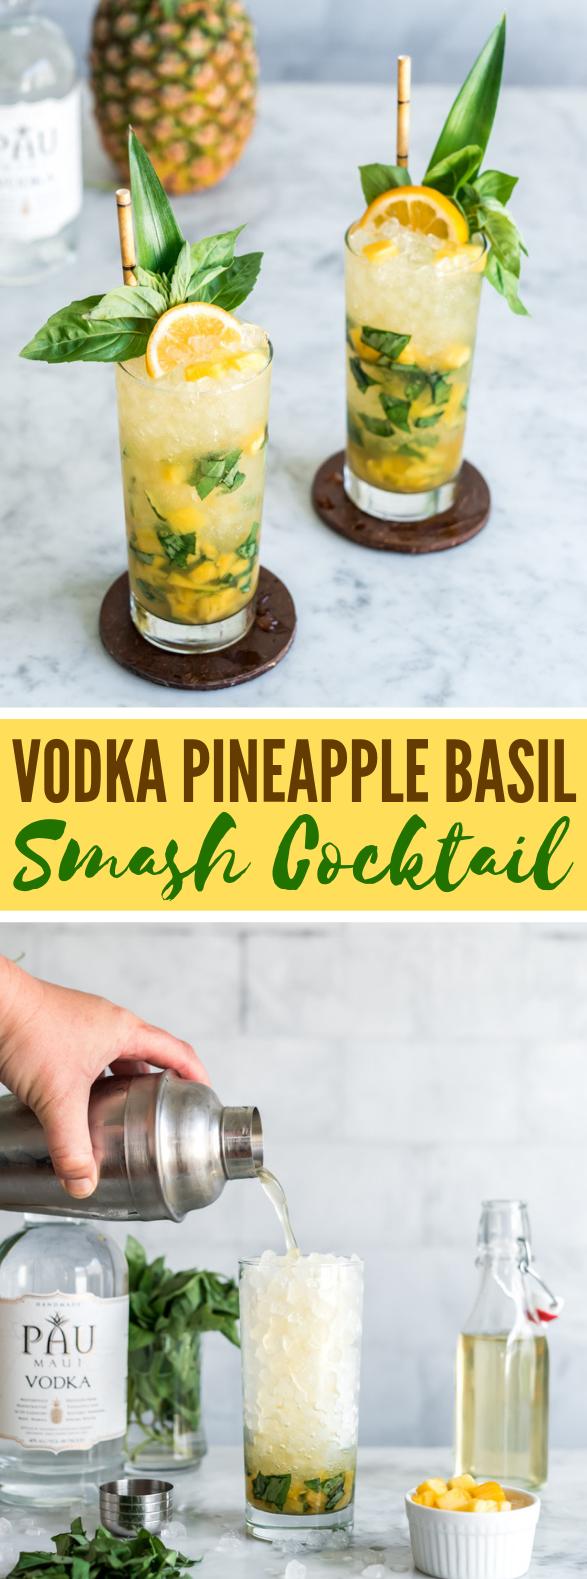 Vodka Pineapple Basil Smash Cocktail #drinks #earthday